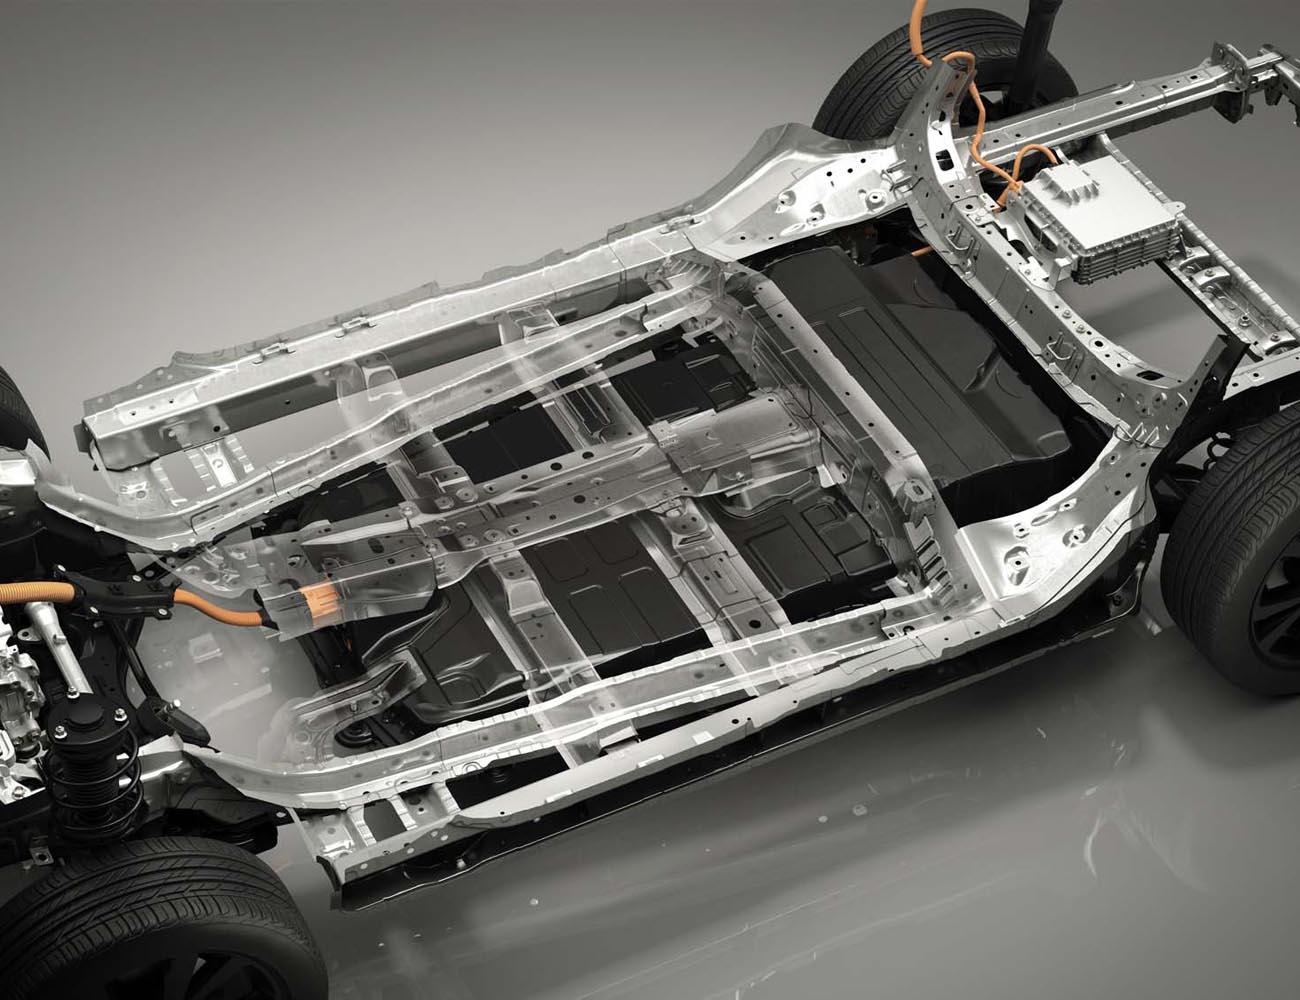 バッテリーパックとフレームが強固に結合したe-TPVのシャシー。これにより、車体の低重心化とボディー剛性の強化が図られている。